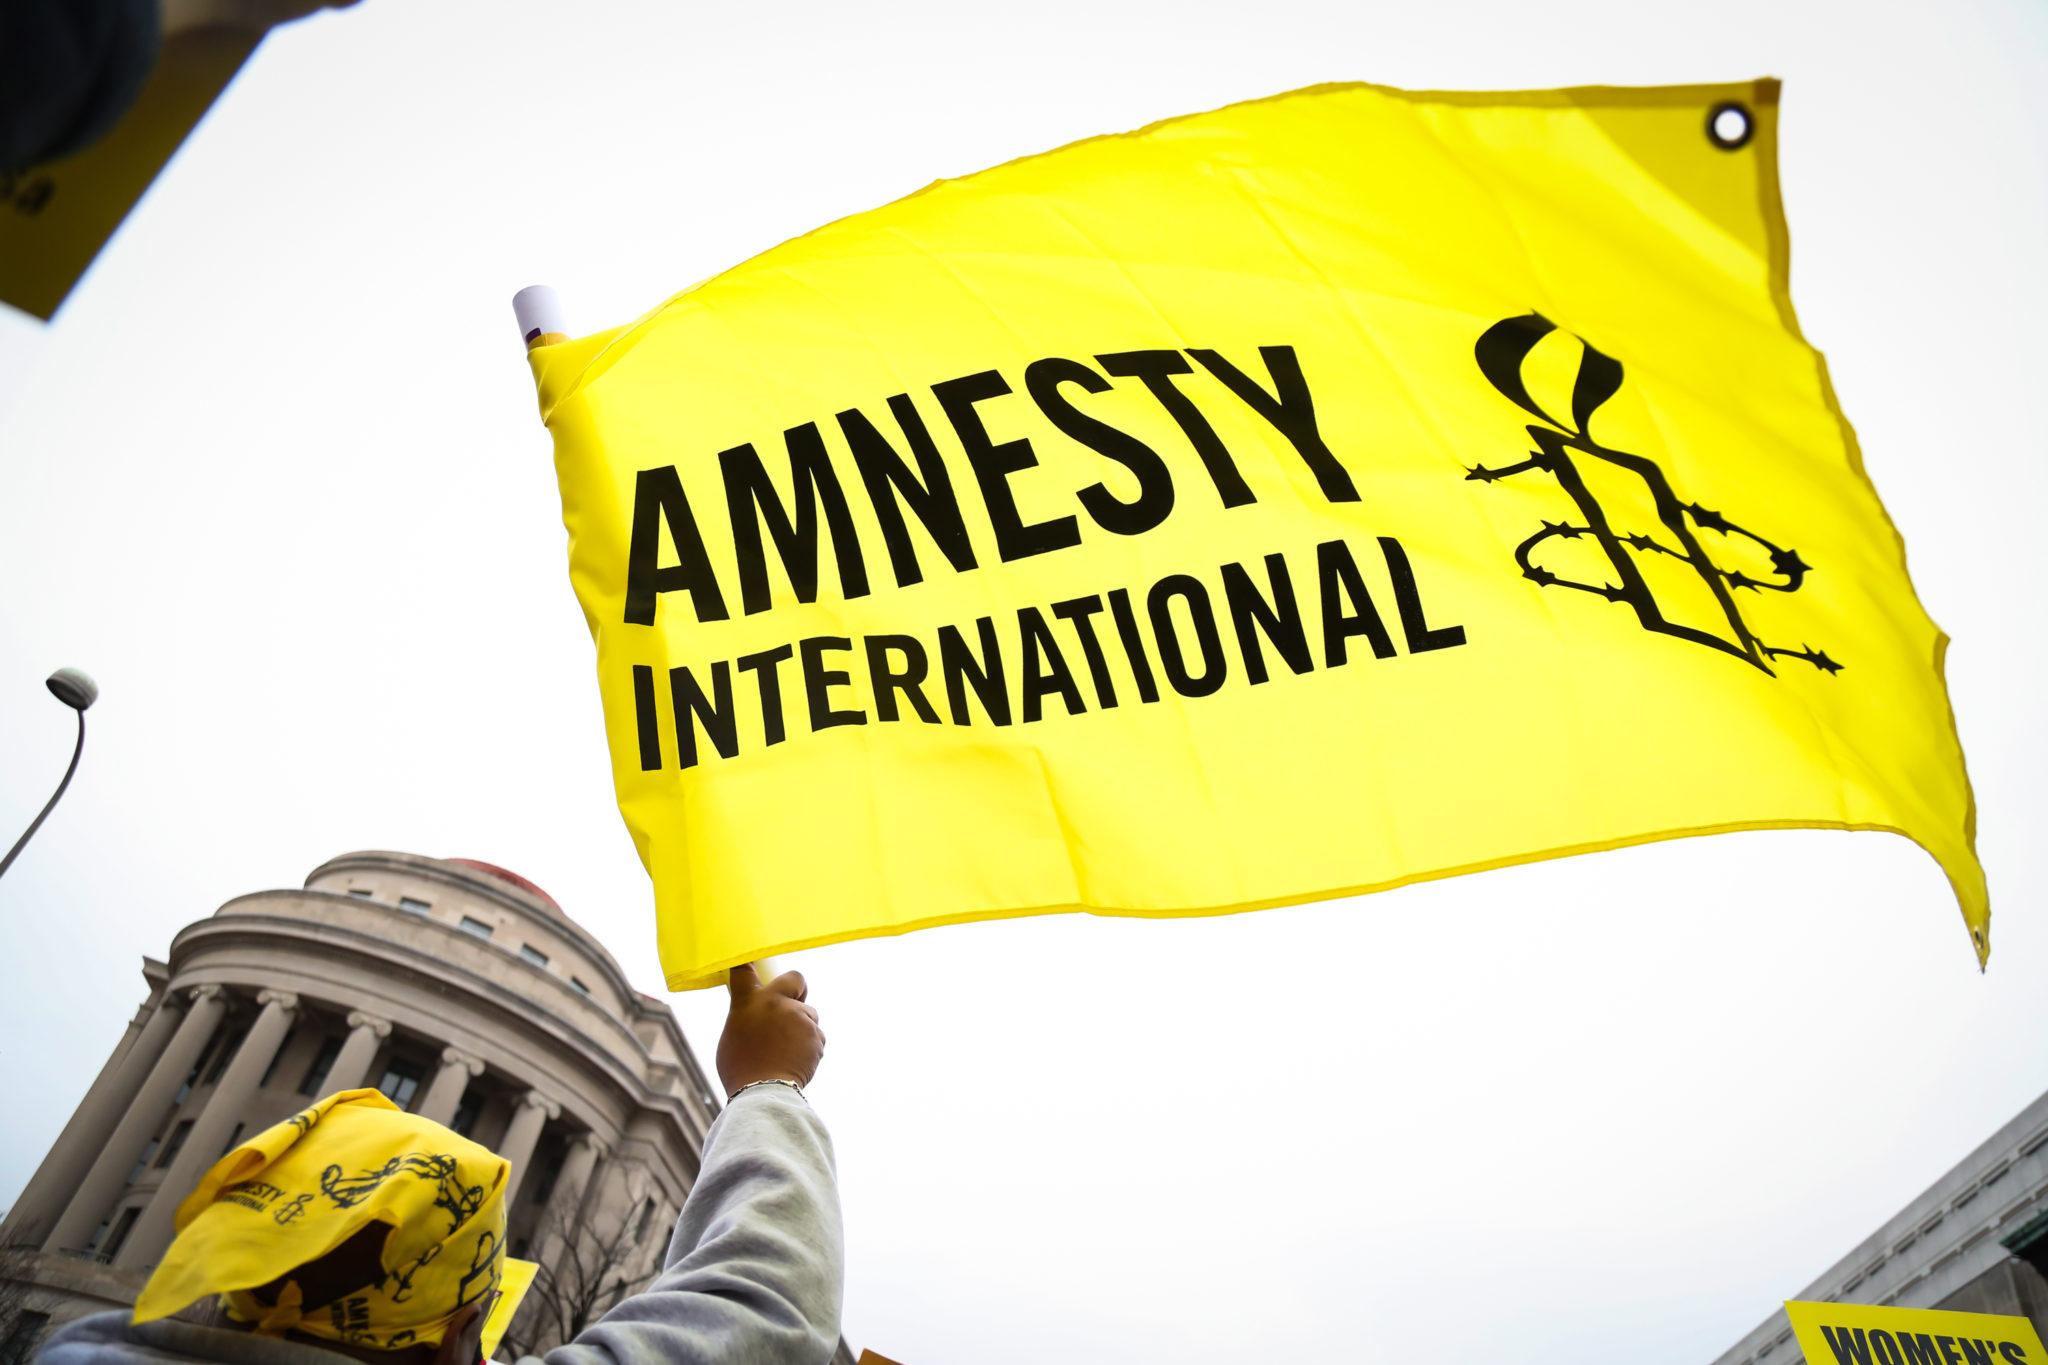 Цар тахлын эсрэг тэмцэж буй 63 улс орны нөхцөл байдлыг судалжээ